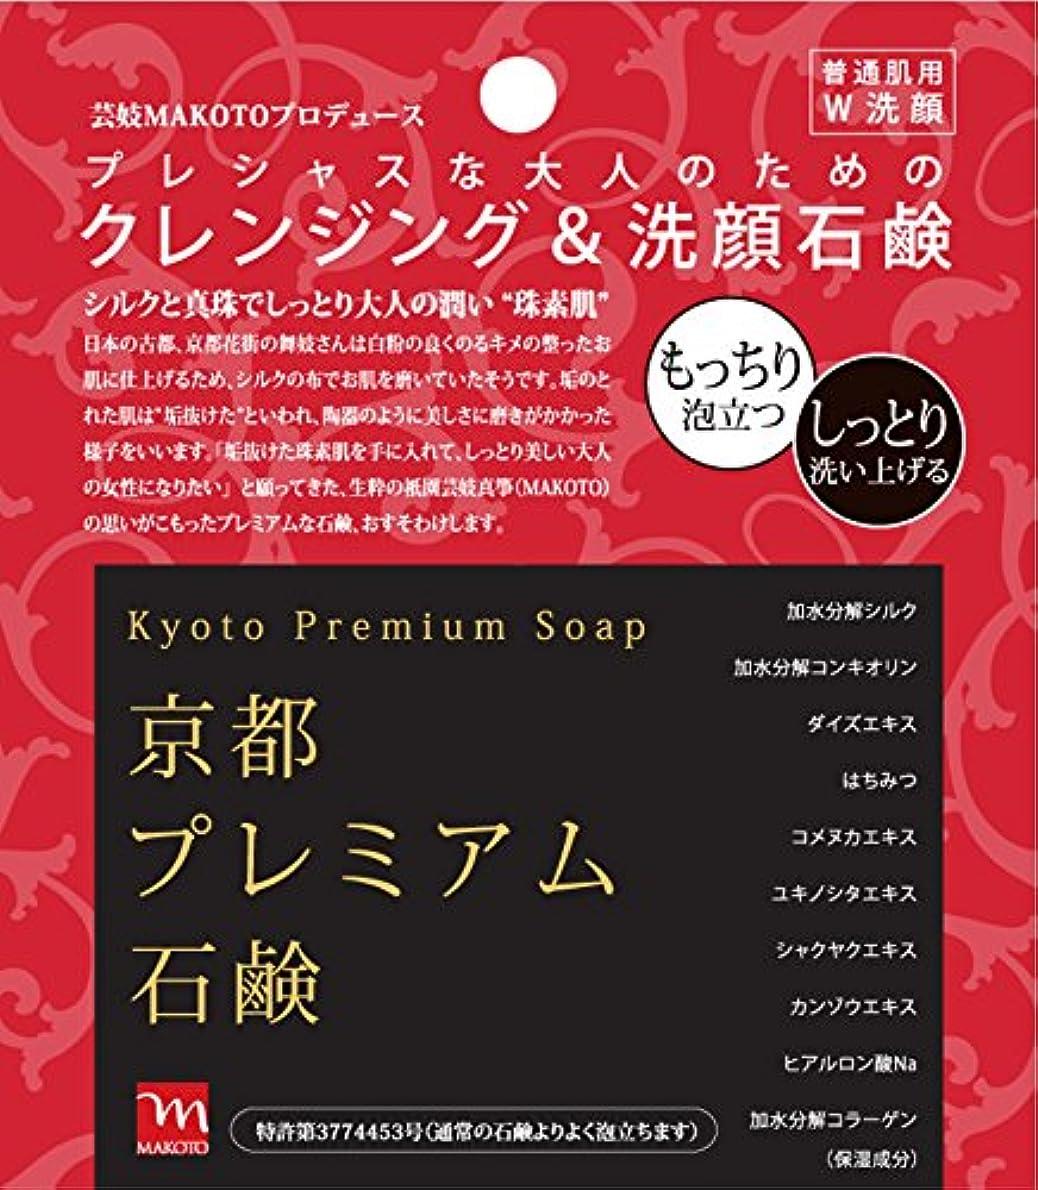 なだめる収束絶え間ない京都プレミアム石鹸 クレンジング&洗顔石鹸 しっとり もっちり 芸妓さん監修